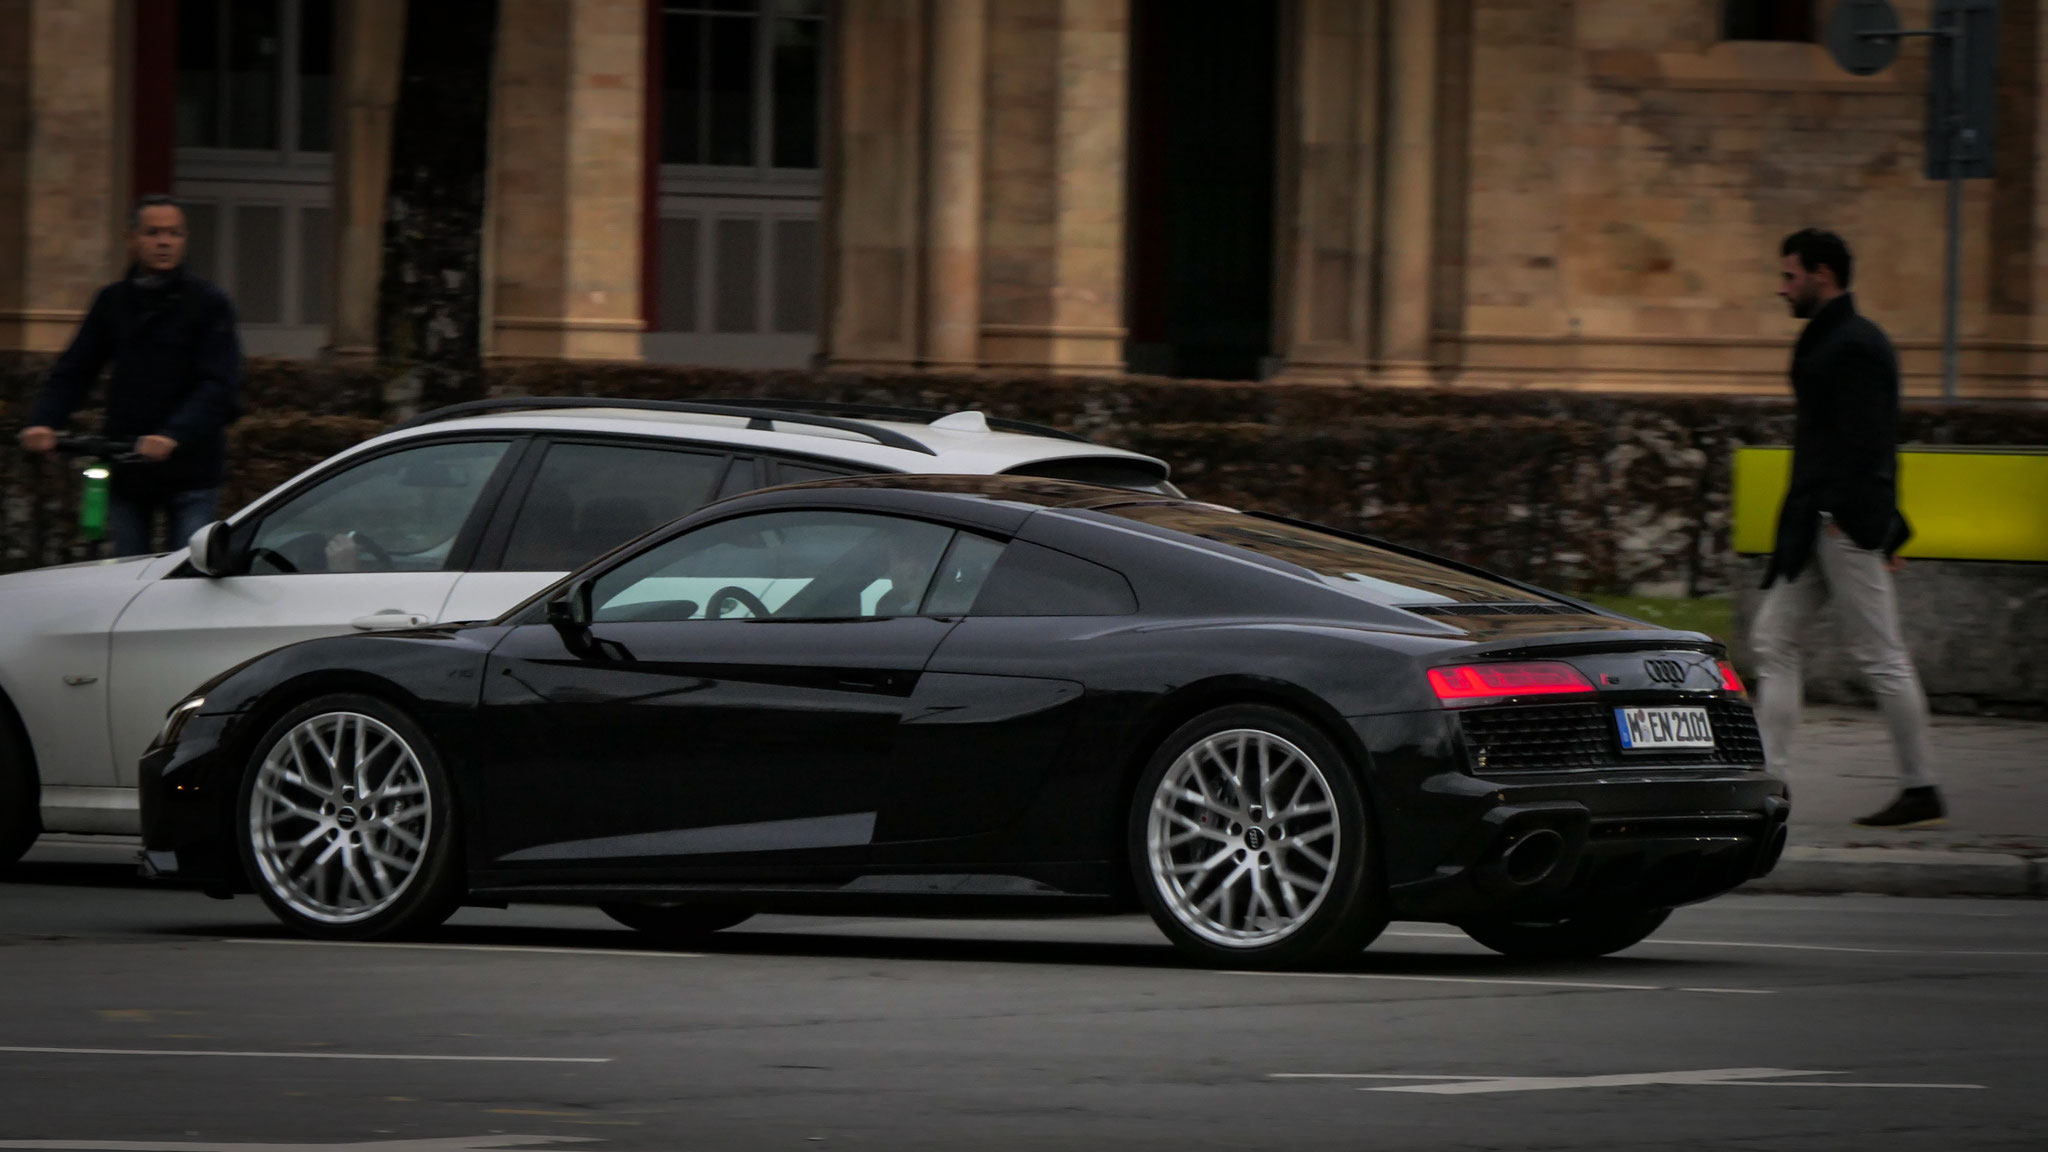 Audi R8 V10 - M-EN-2101